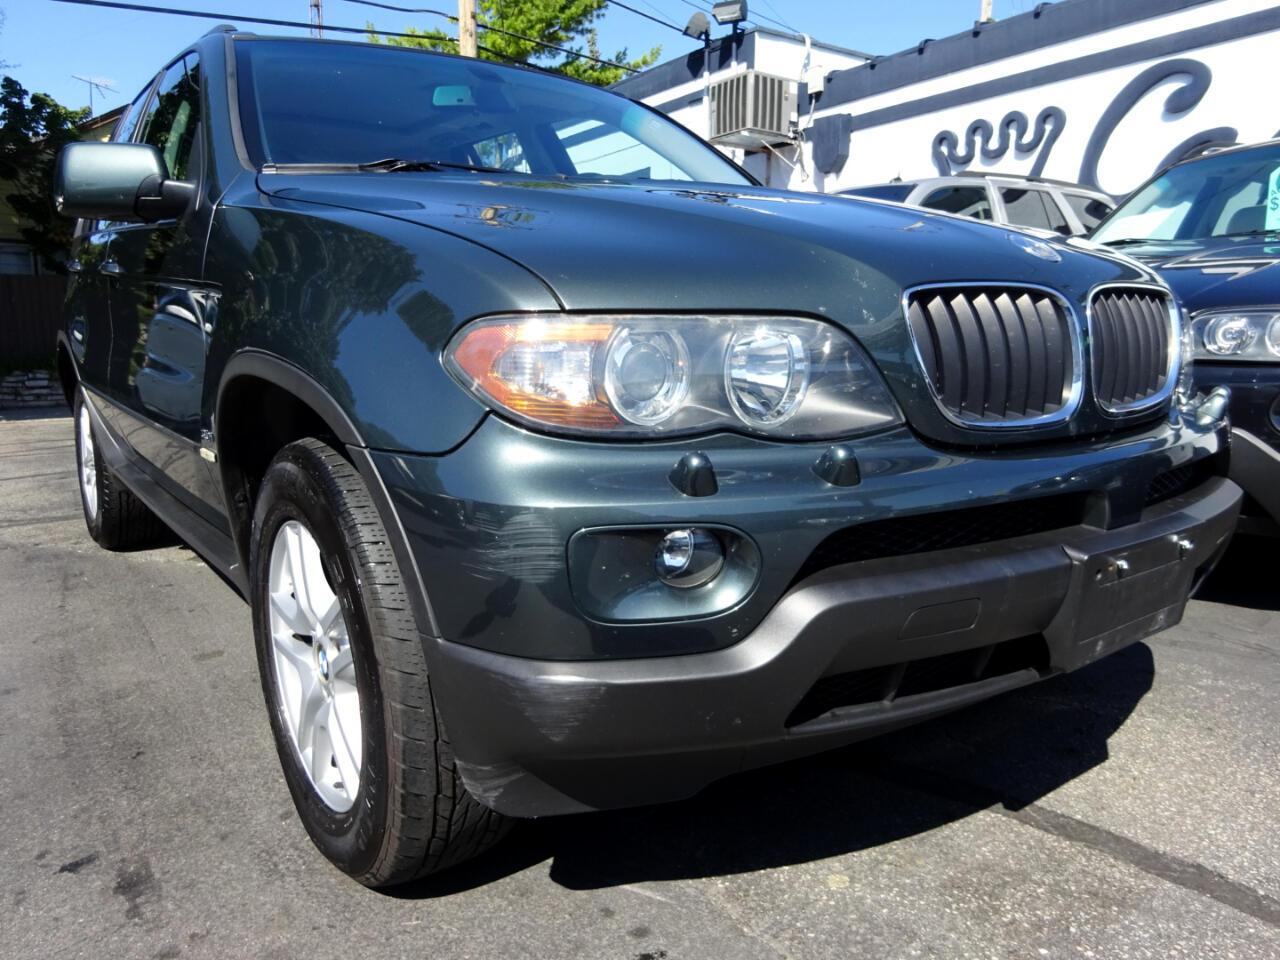 BMW X5 X5 4dr AWD 3.0i 2004